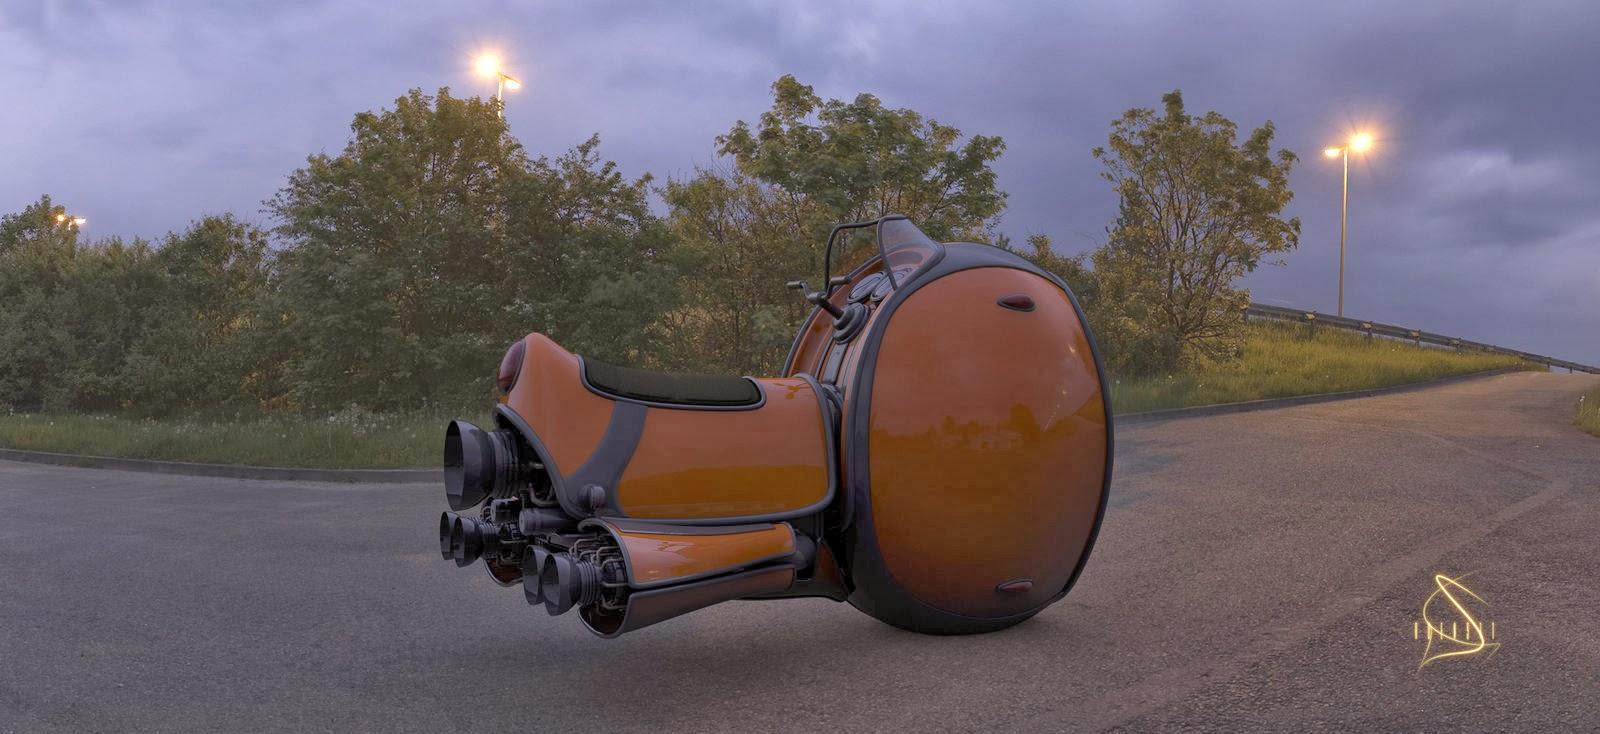 Small Sun Custom Motorcycle Art On Deviant Art